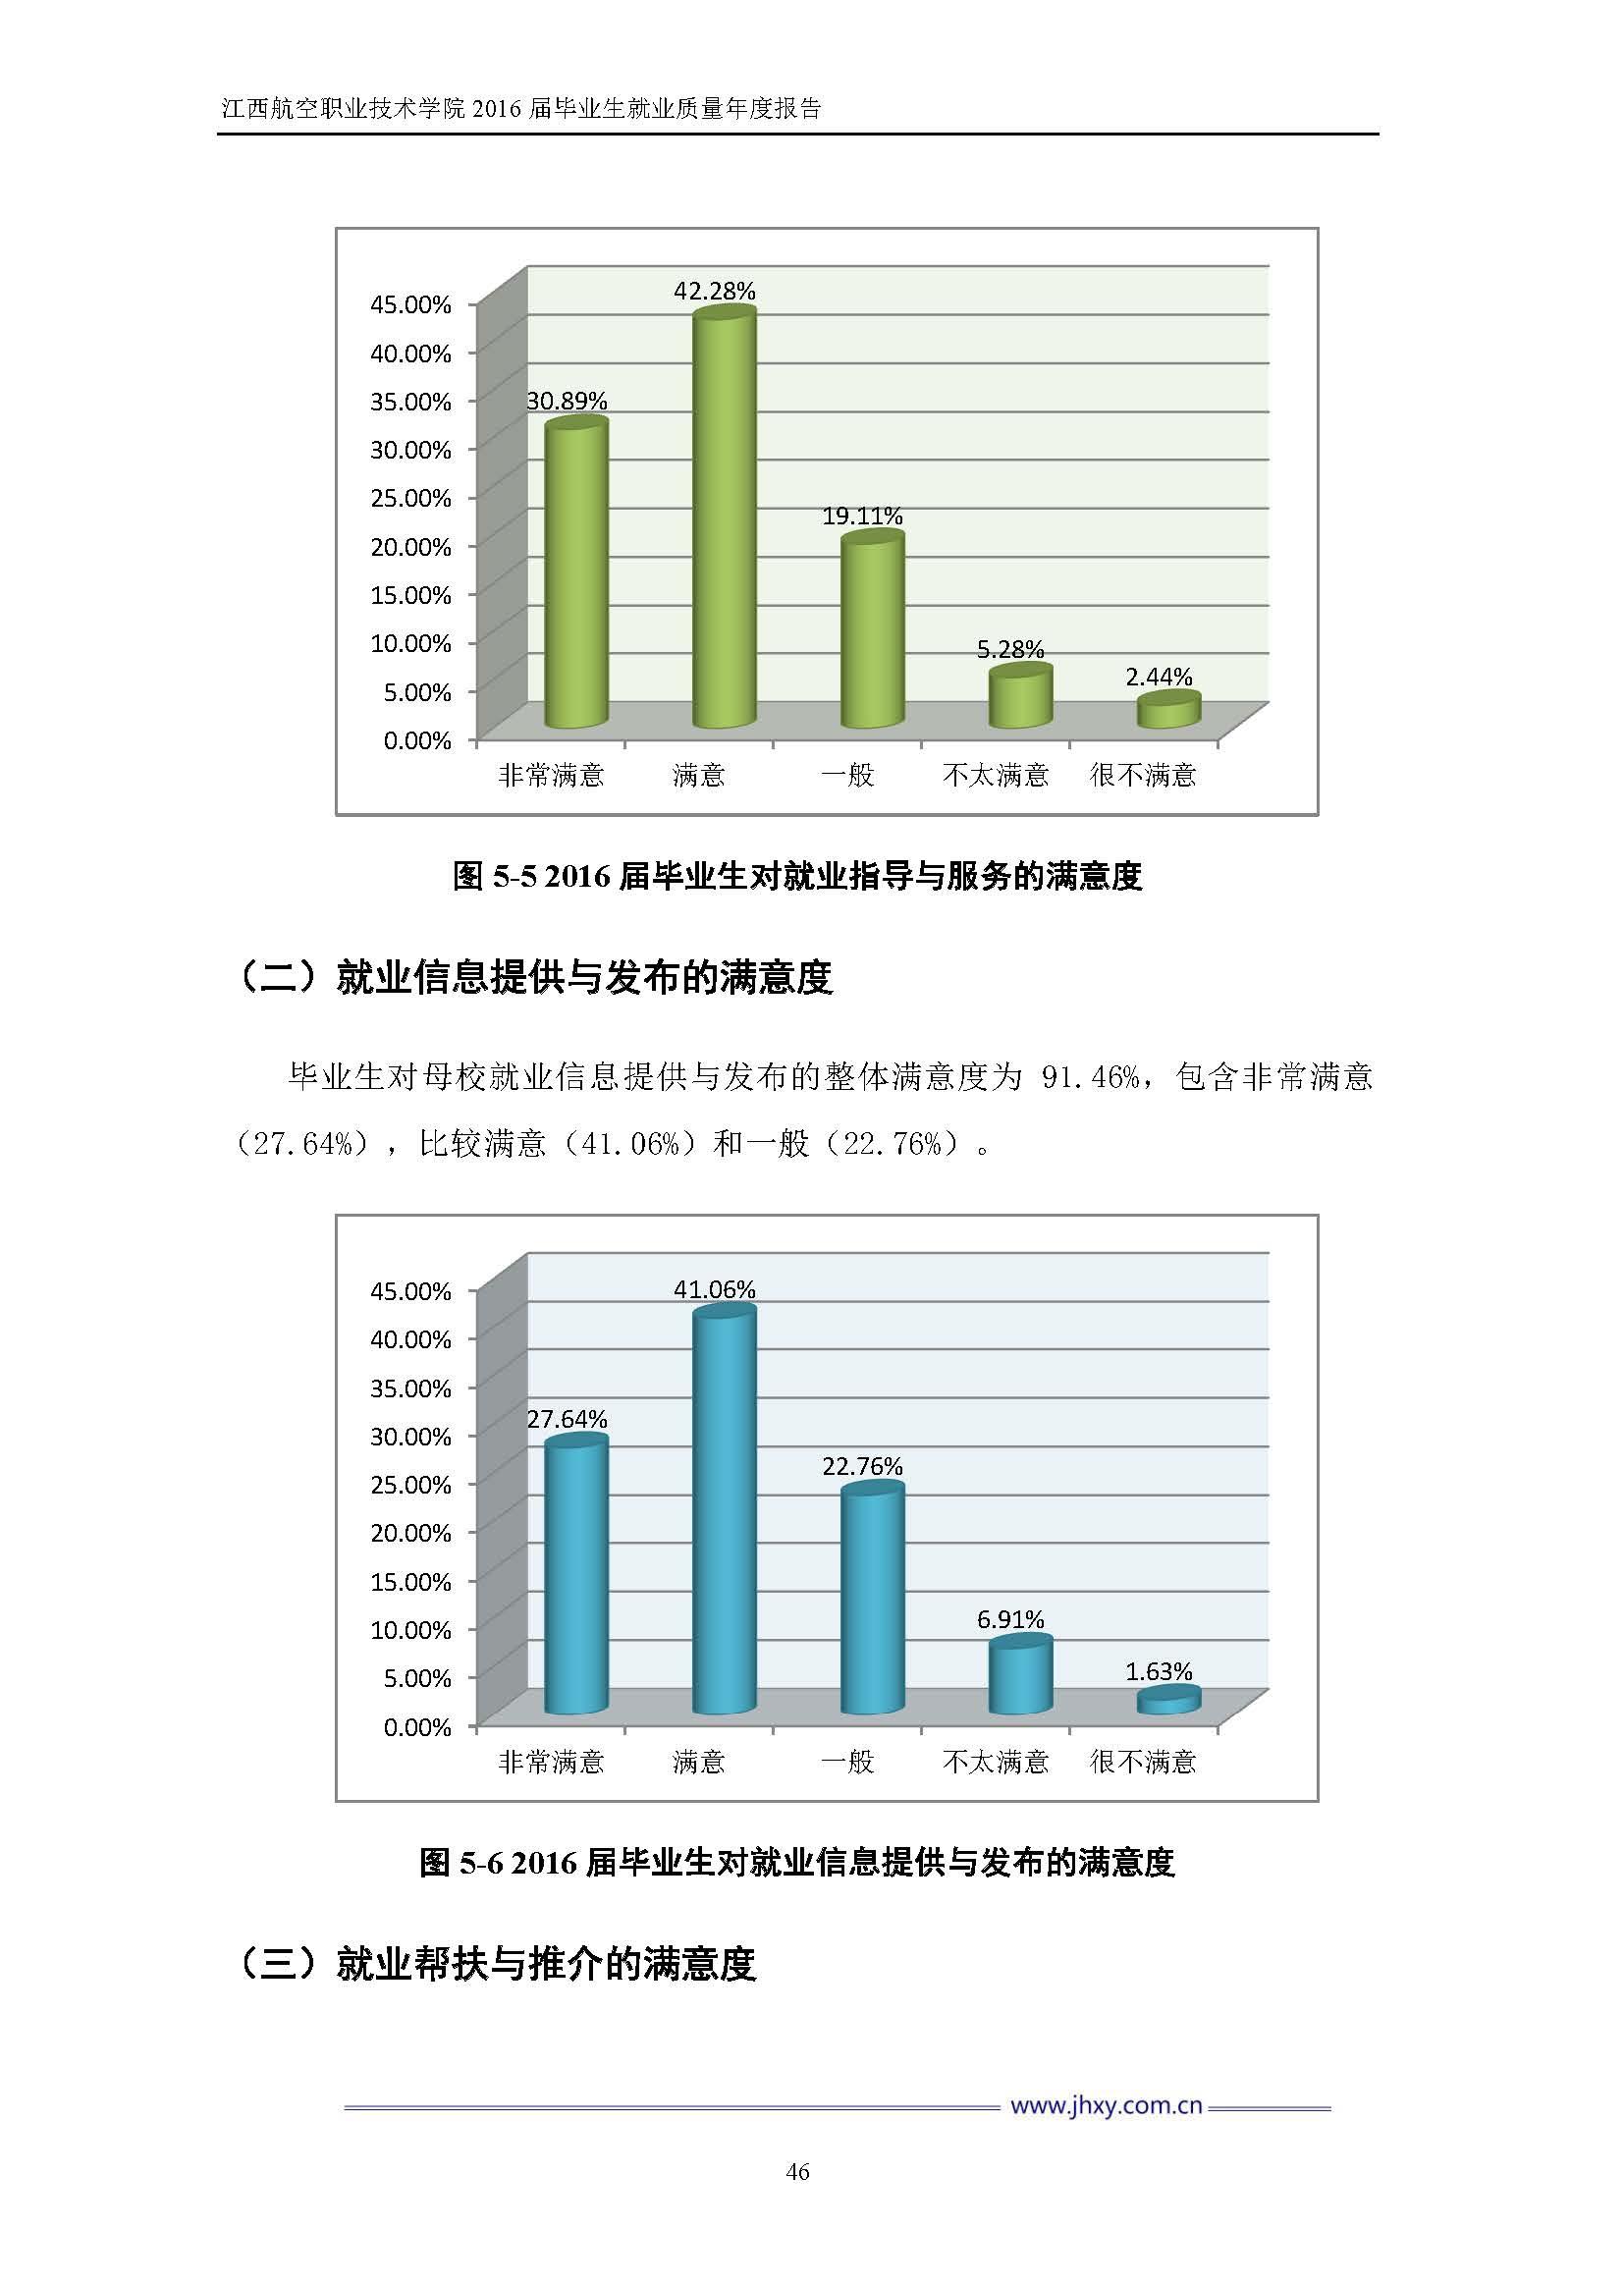 江西航空职业技术学院2016届毕业生就业质量年度报告_Page_53.jpg